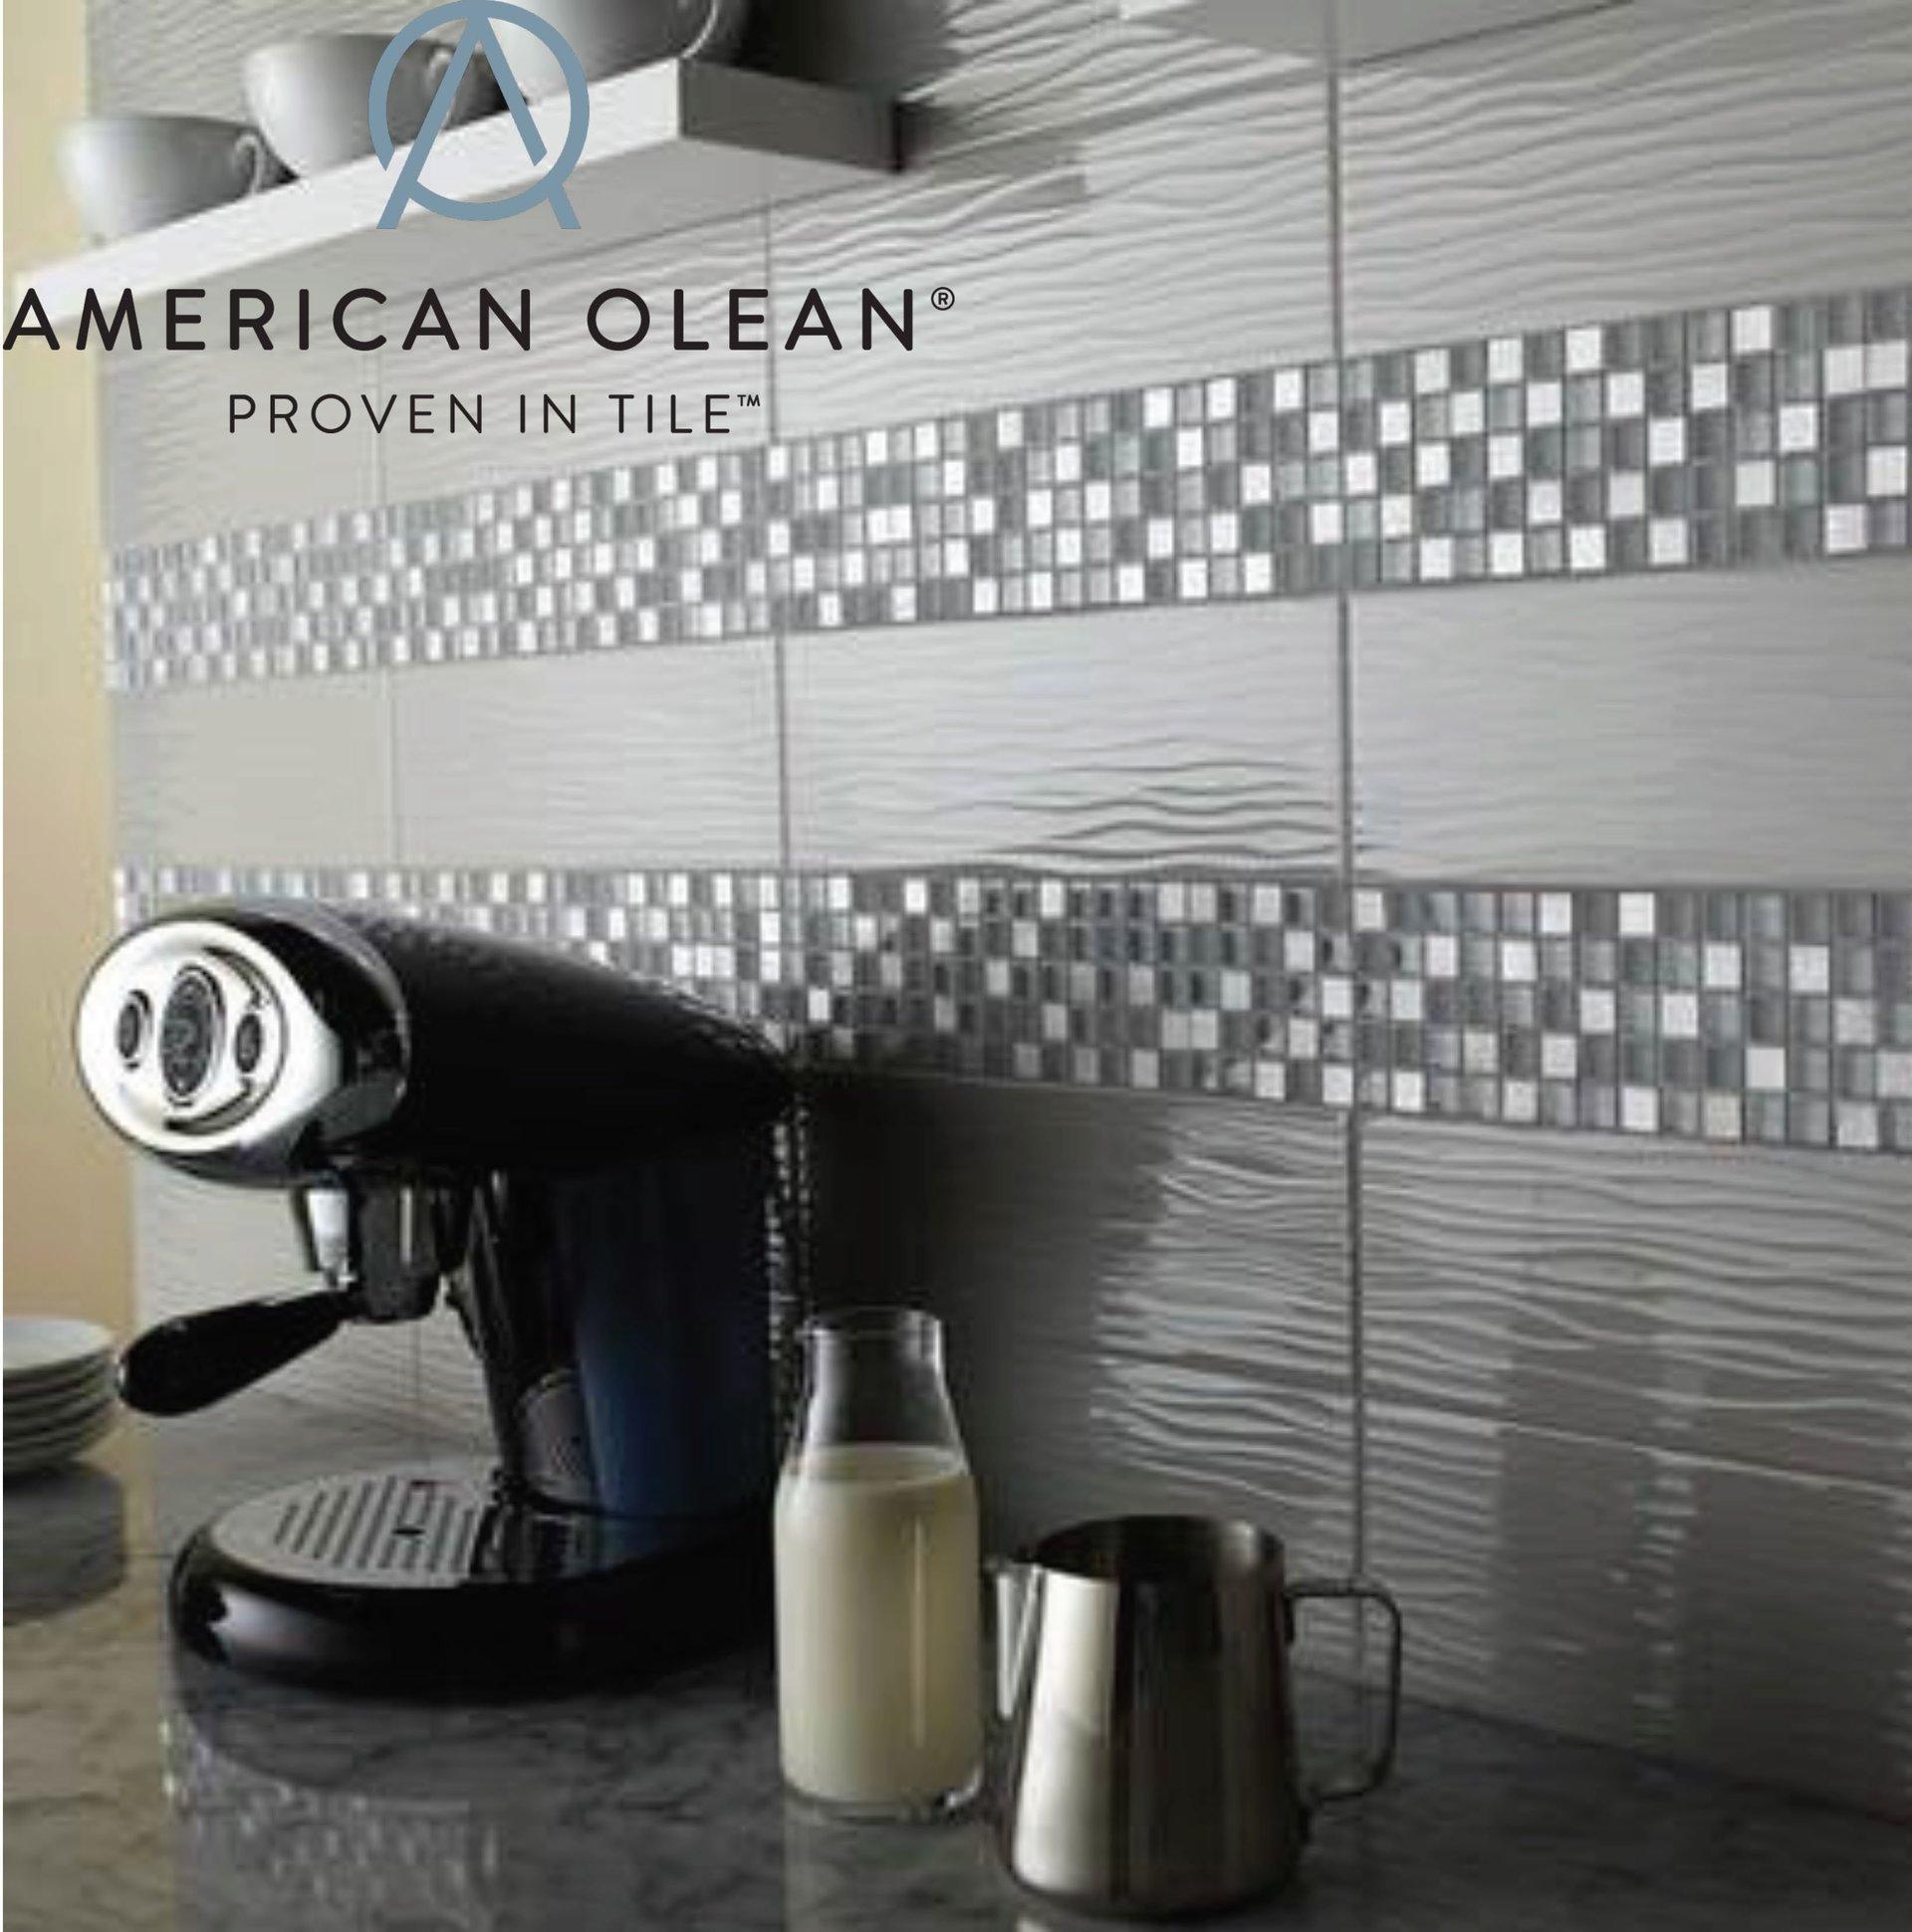 American Olean wall tile